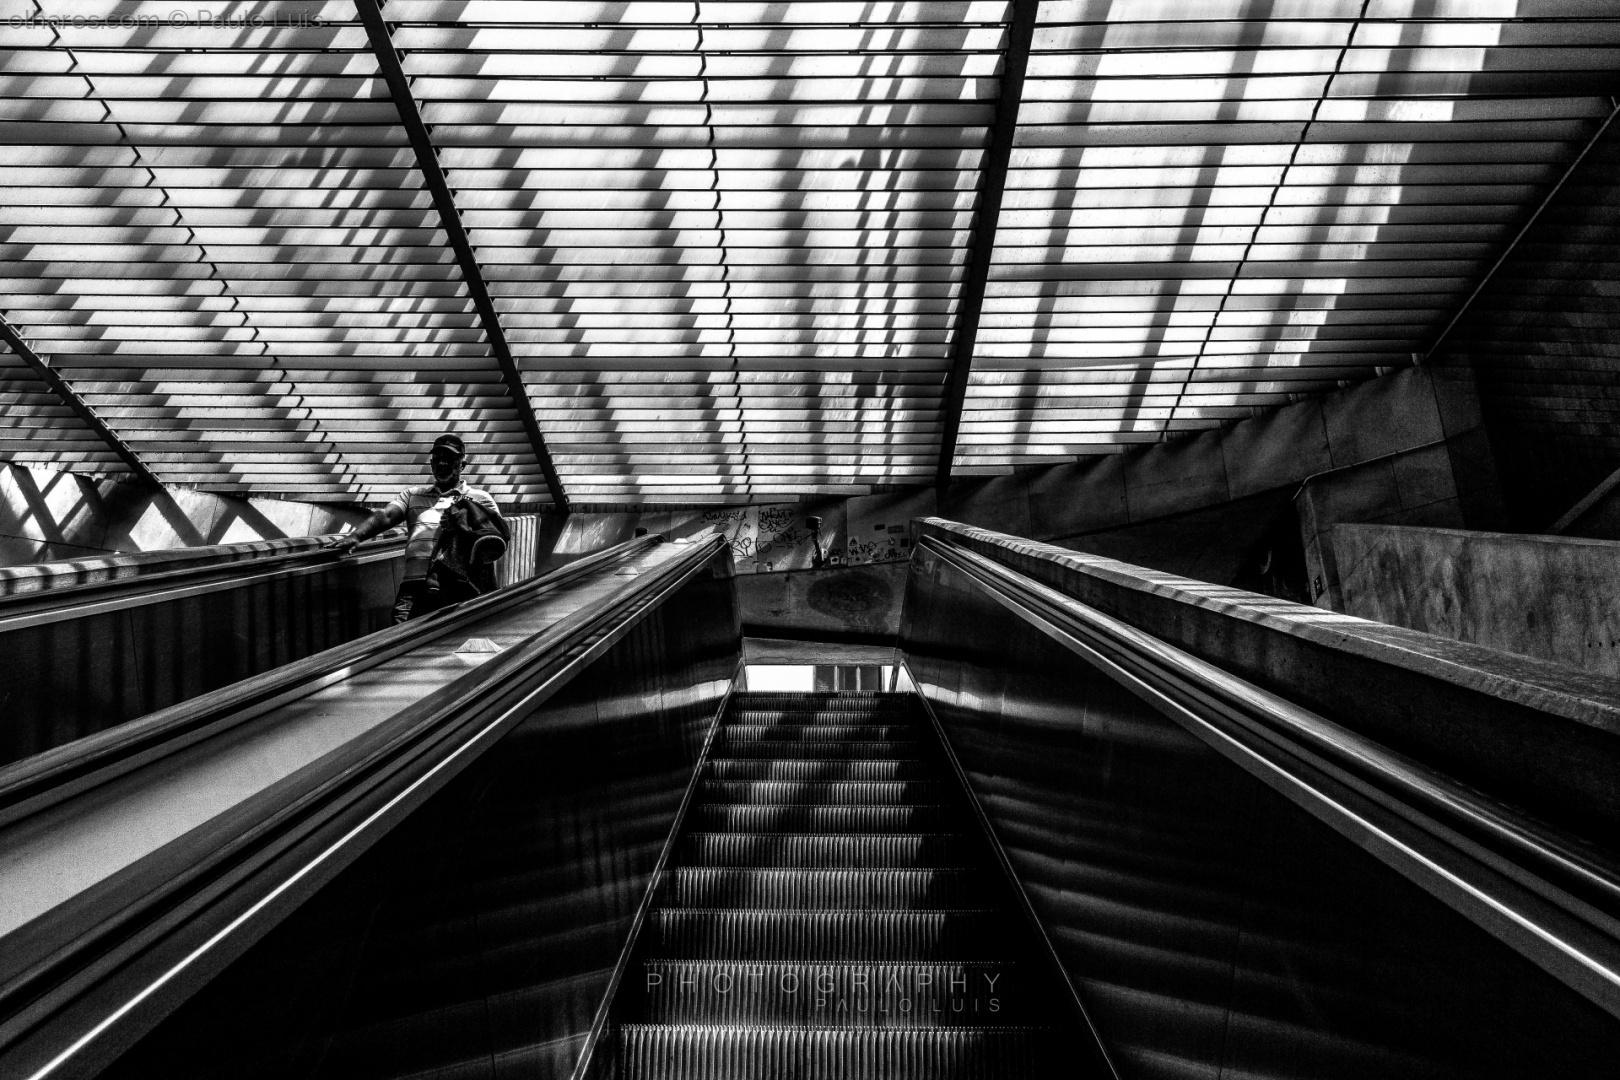 © Paulo Luís - Eu vou para cima ele para baixo...